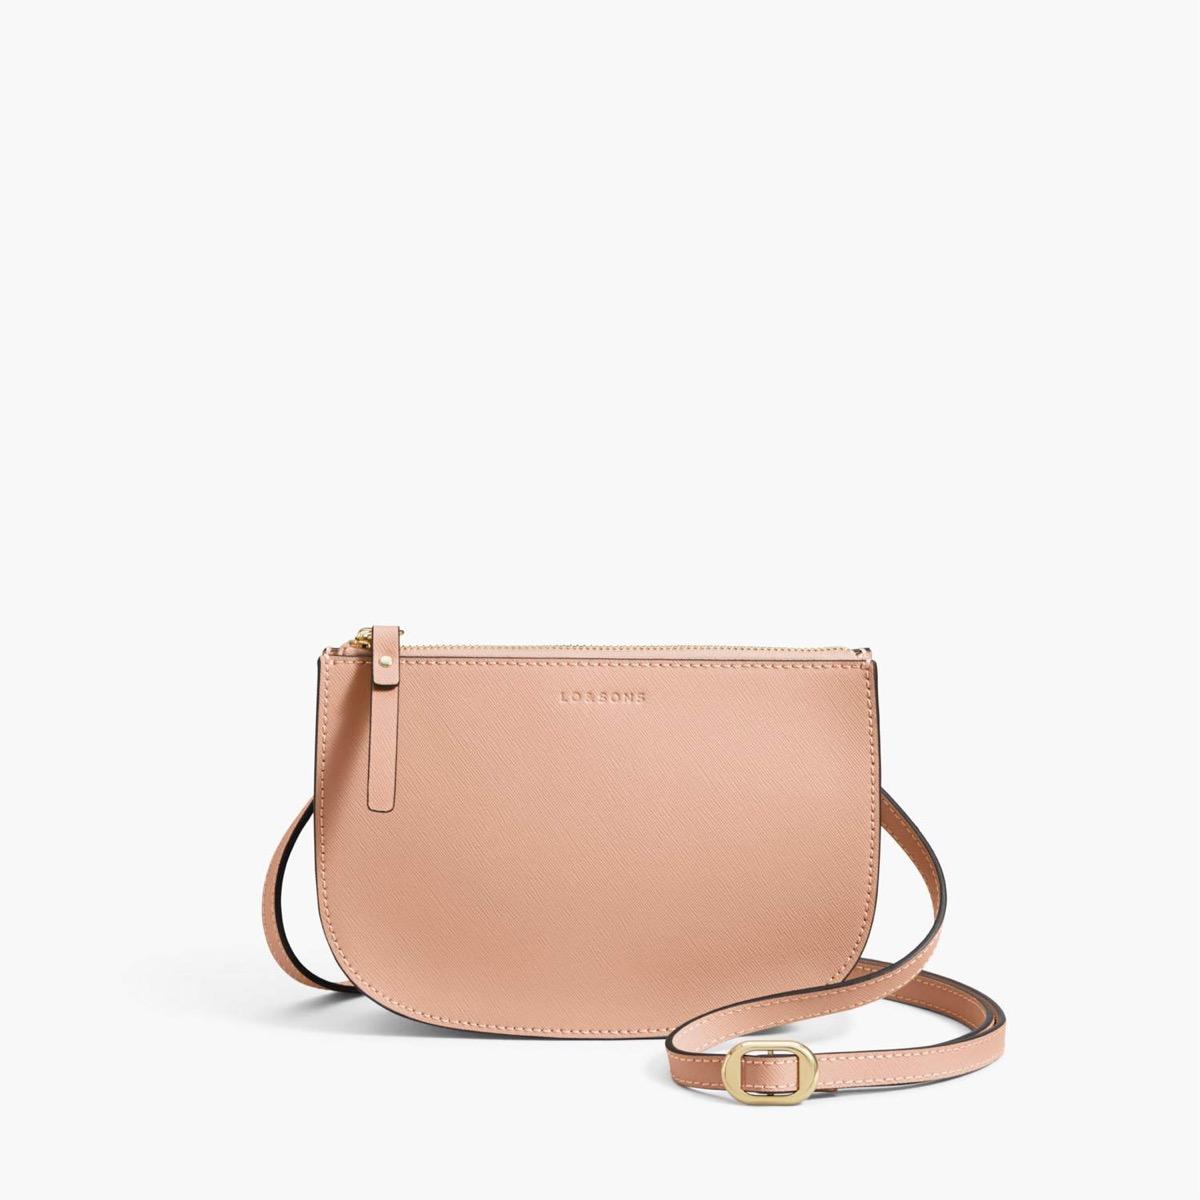 blush waverly 2 purse on white background